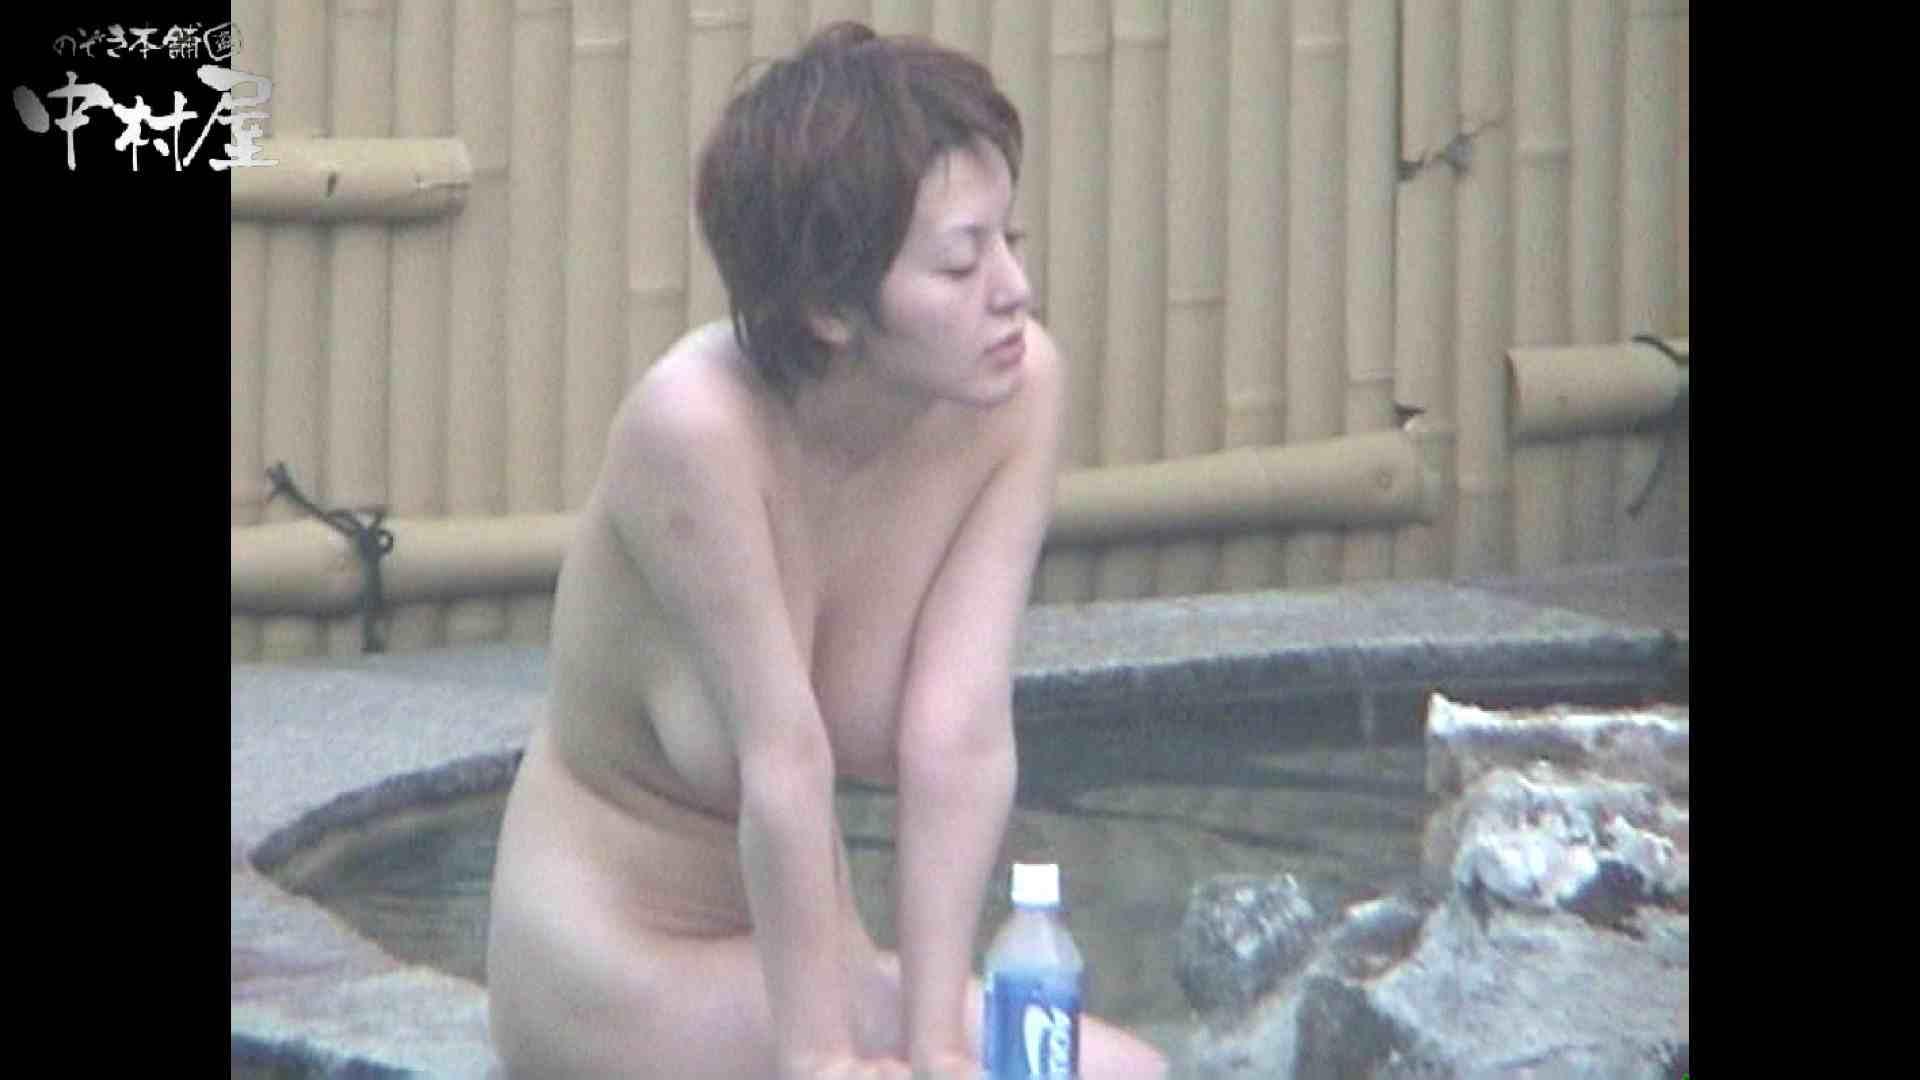 Aquaな露天風呂Vol.959 露天風呂 | 盗撮動画  11枚 7